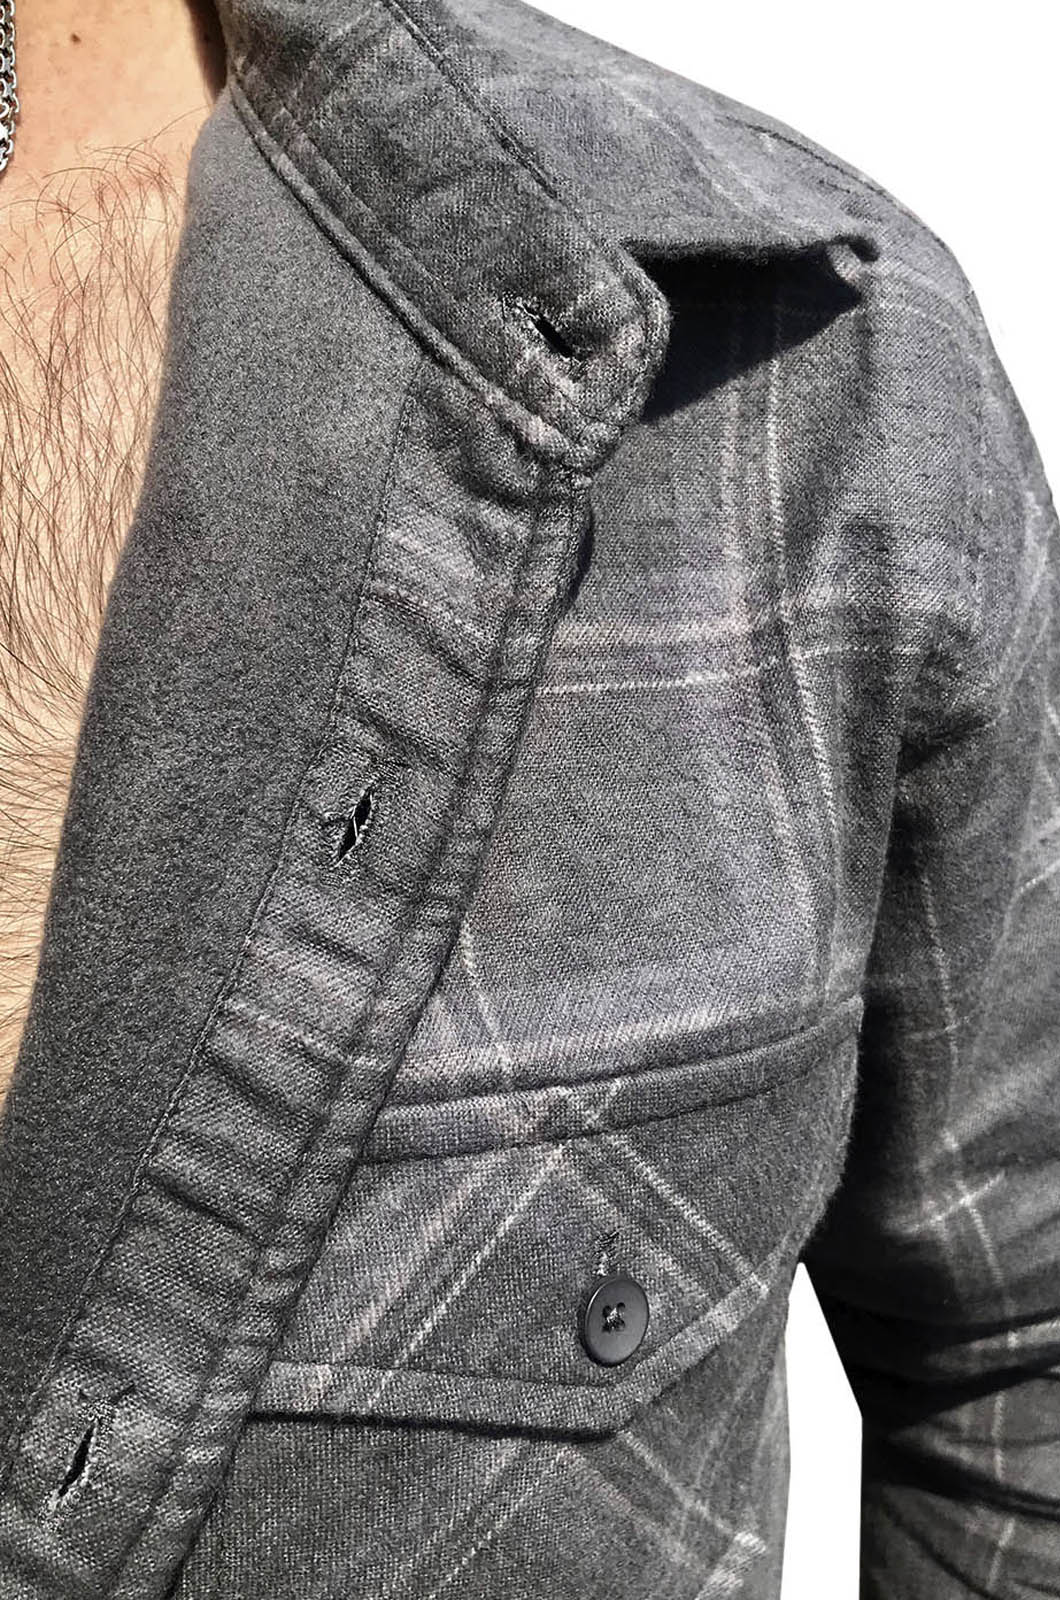 Мужская крутая рубашка с вышитым шевроном 98 Свирская дивизия - купить выгодно